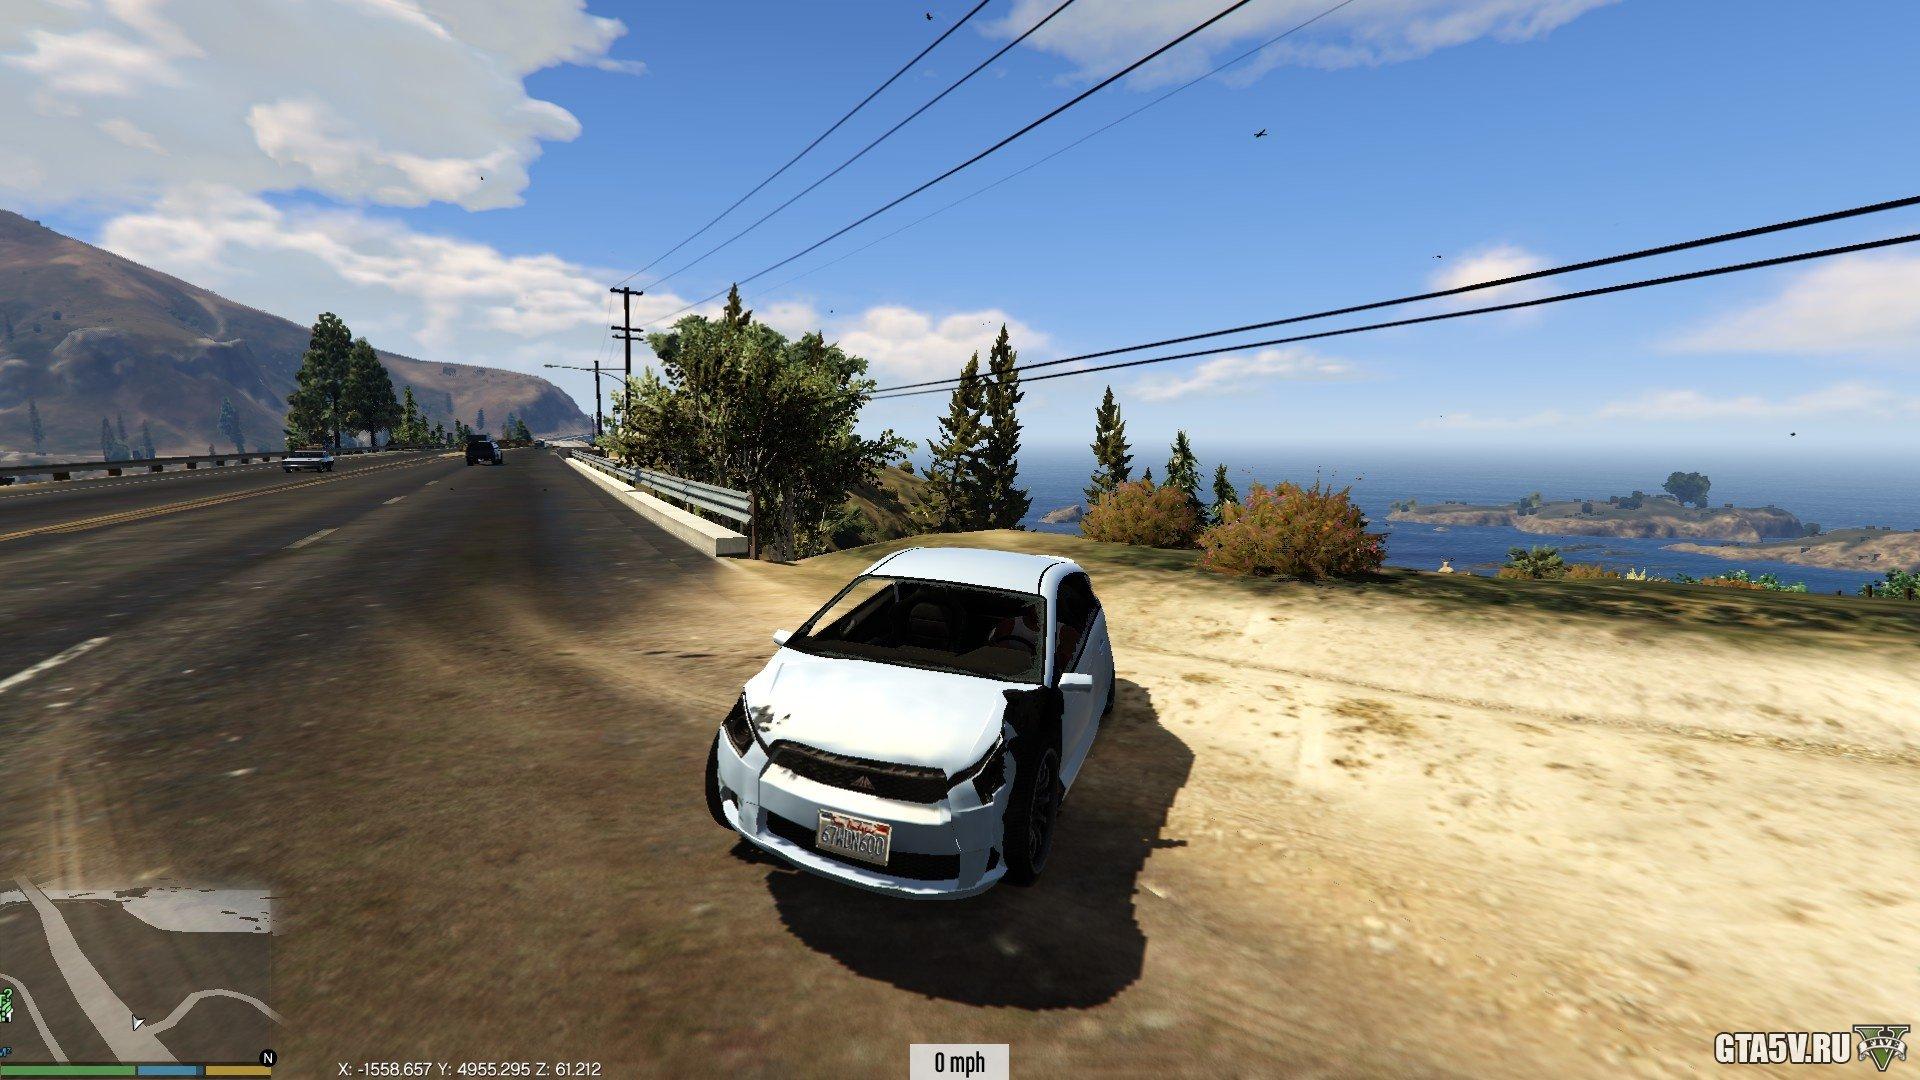 ГТА 5 моды на реалистичные повреждения машины